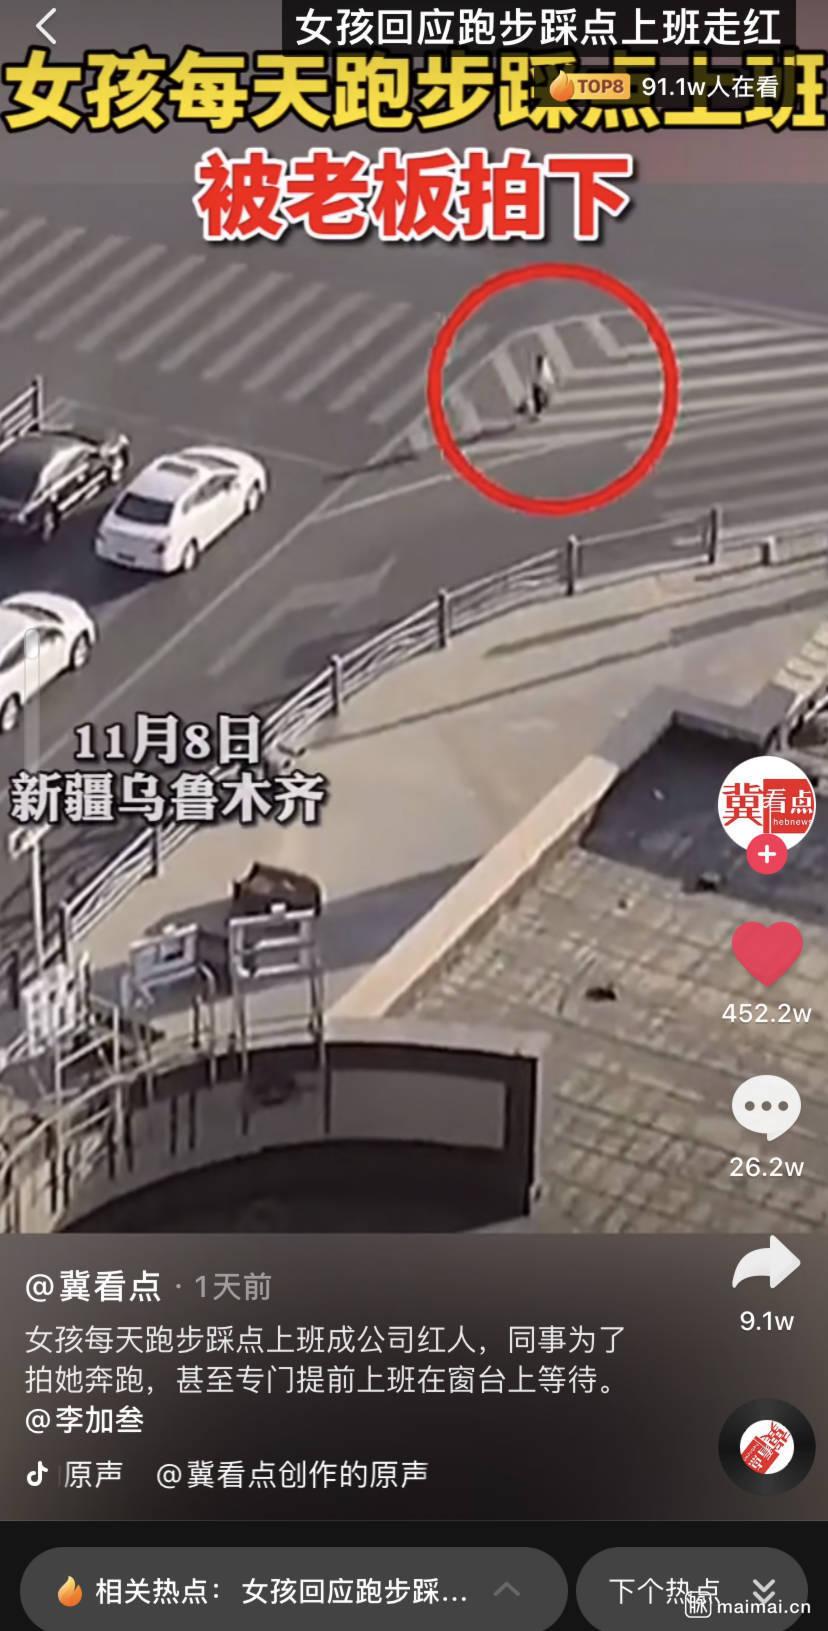 最近网上比较火的一个视频,某单位人员路上狂奔踩点到公司。…插图